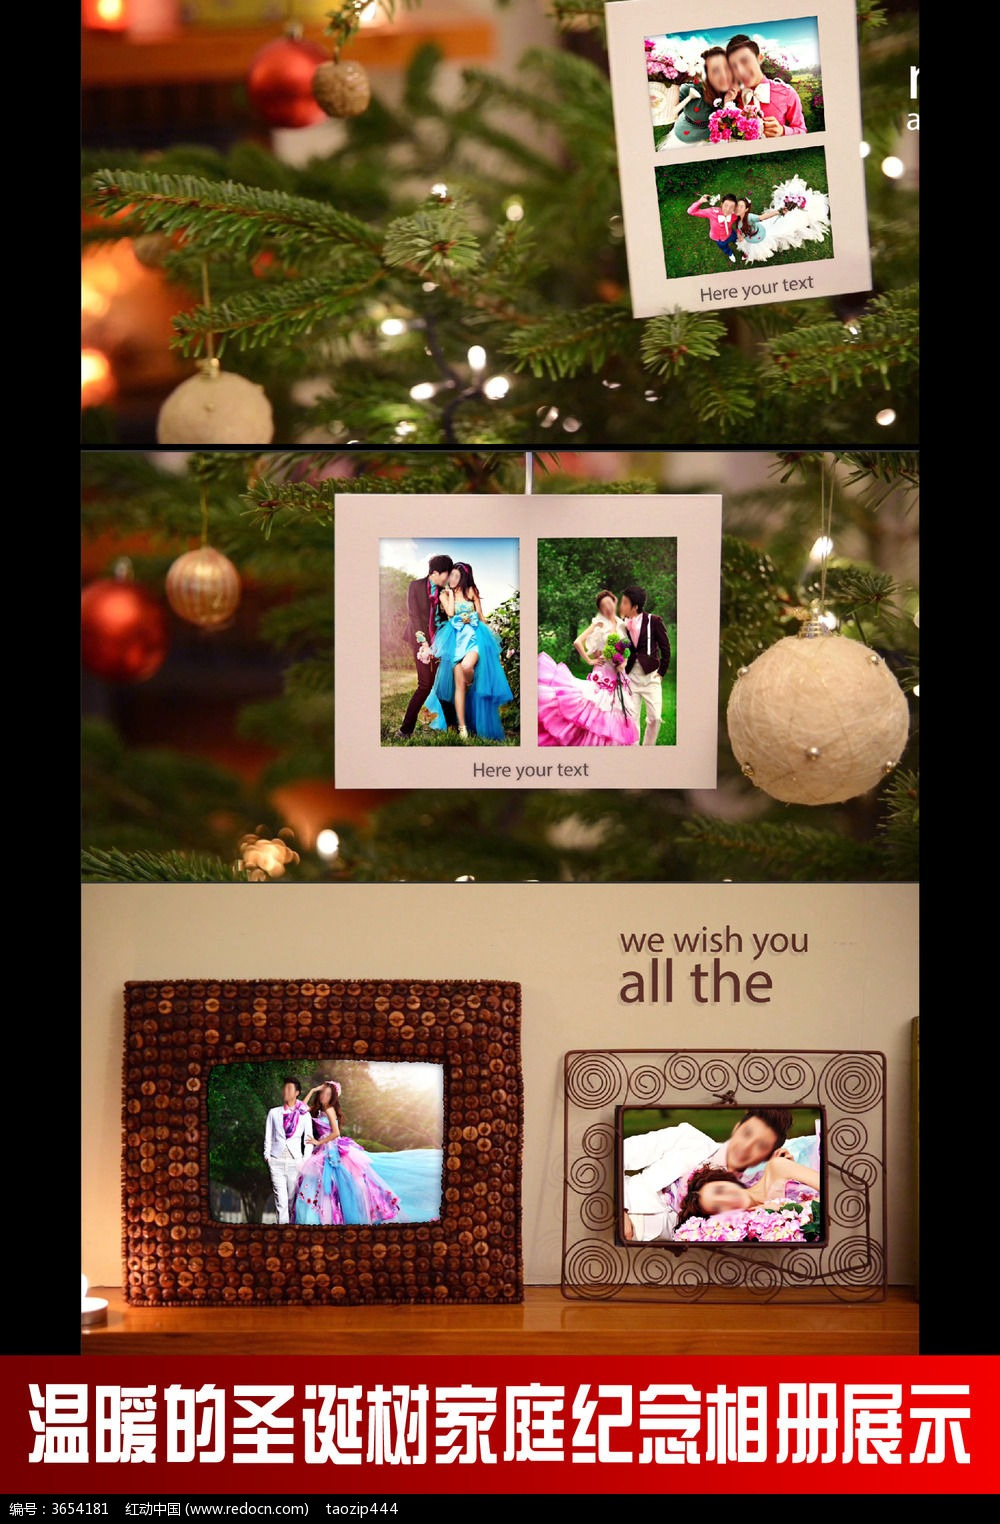 温暖的圣诞树家庭纪念相册展示ae模板图片